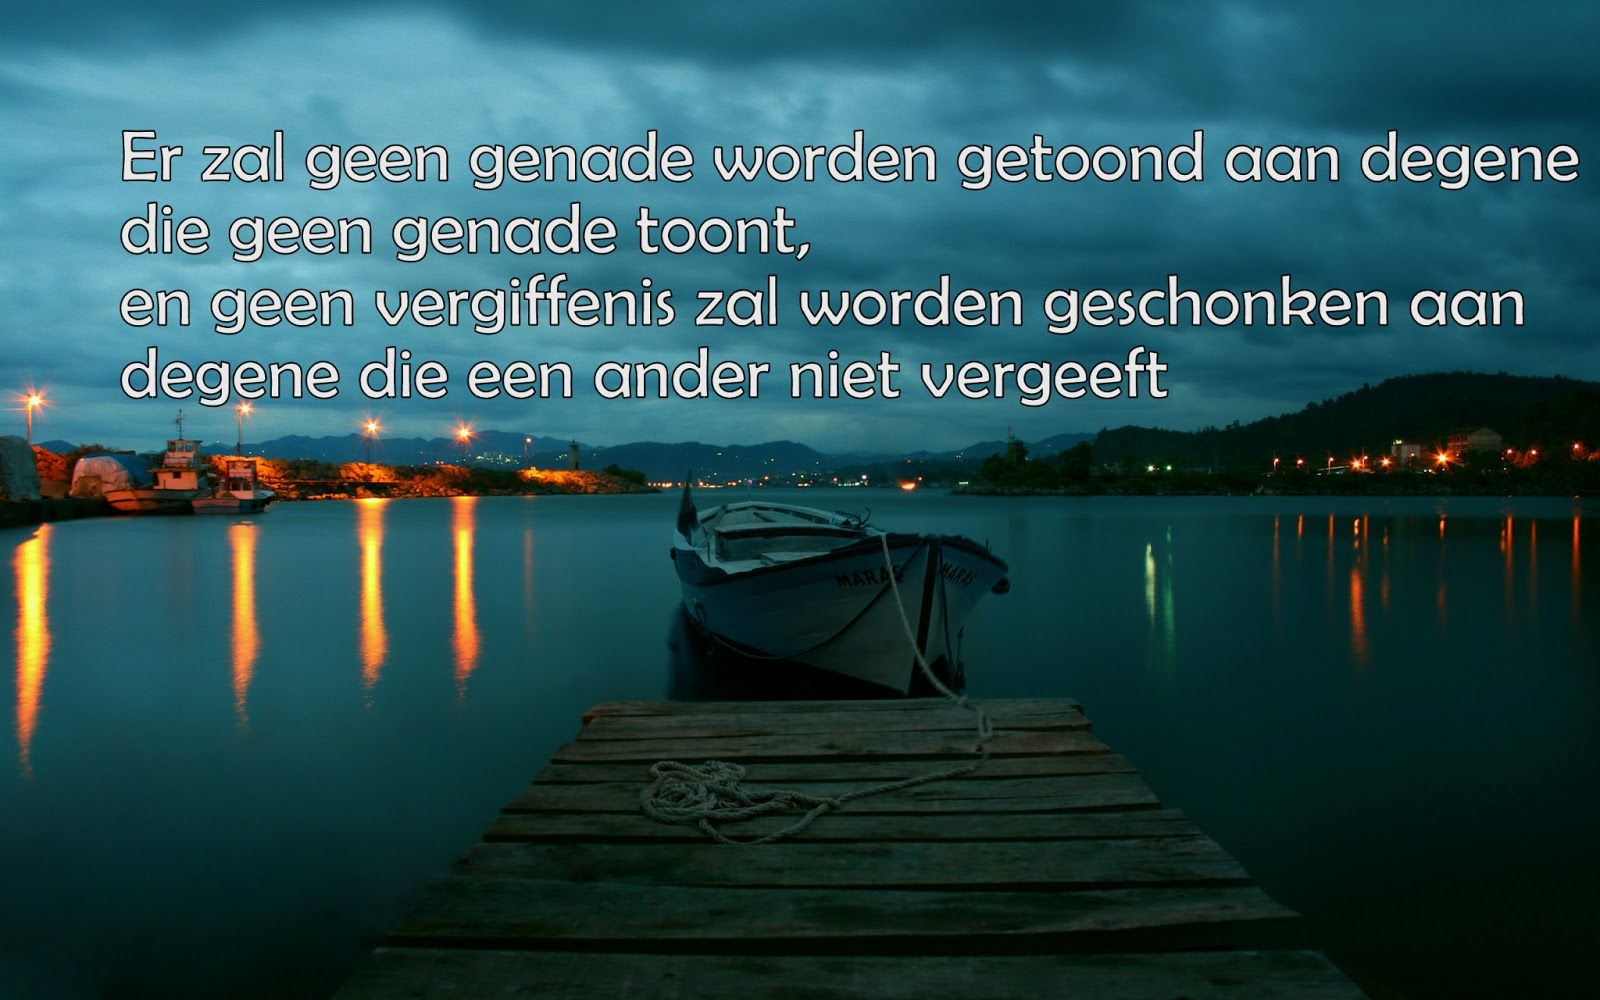 Citaten Uit De Aanslag : Citaten en wijze woorden uit de islam nederlandse quotes